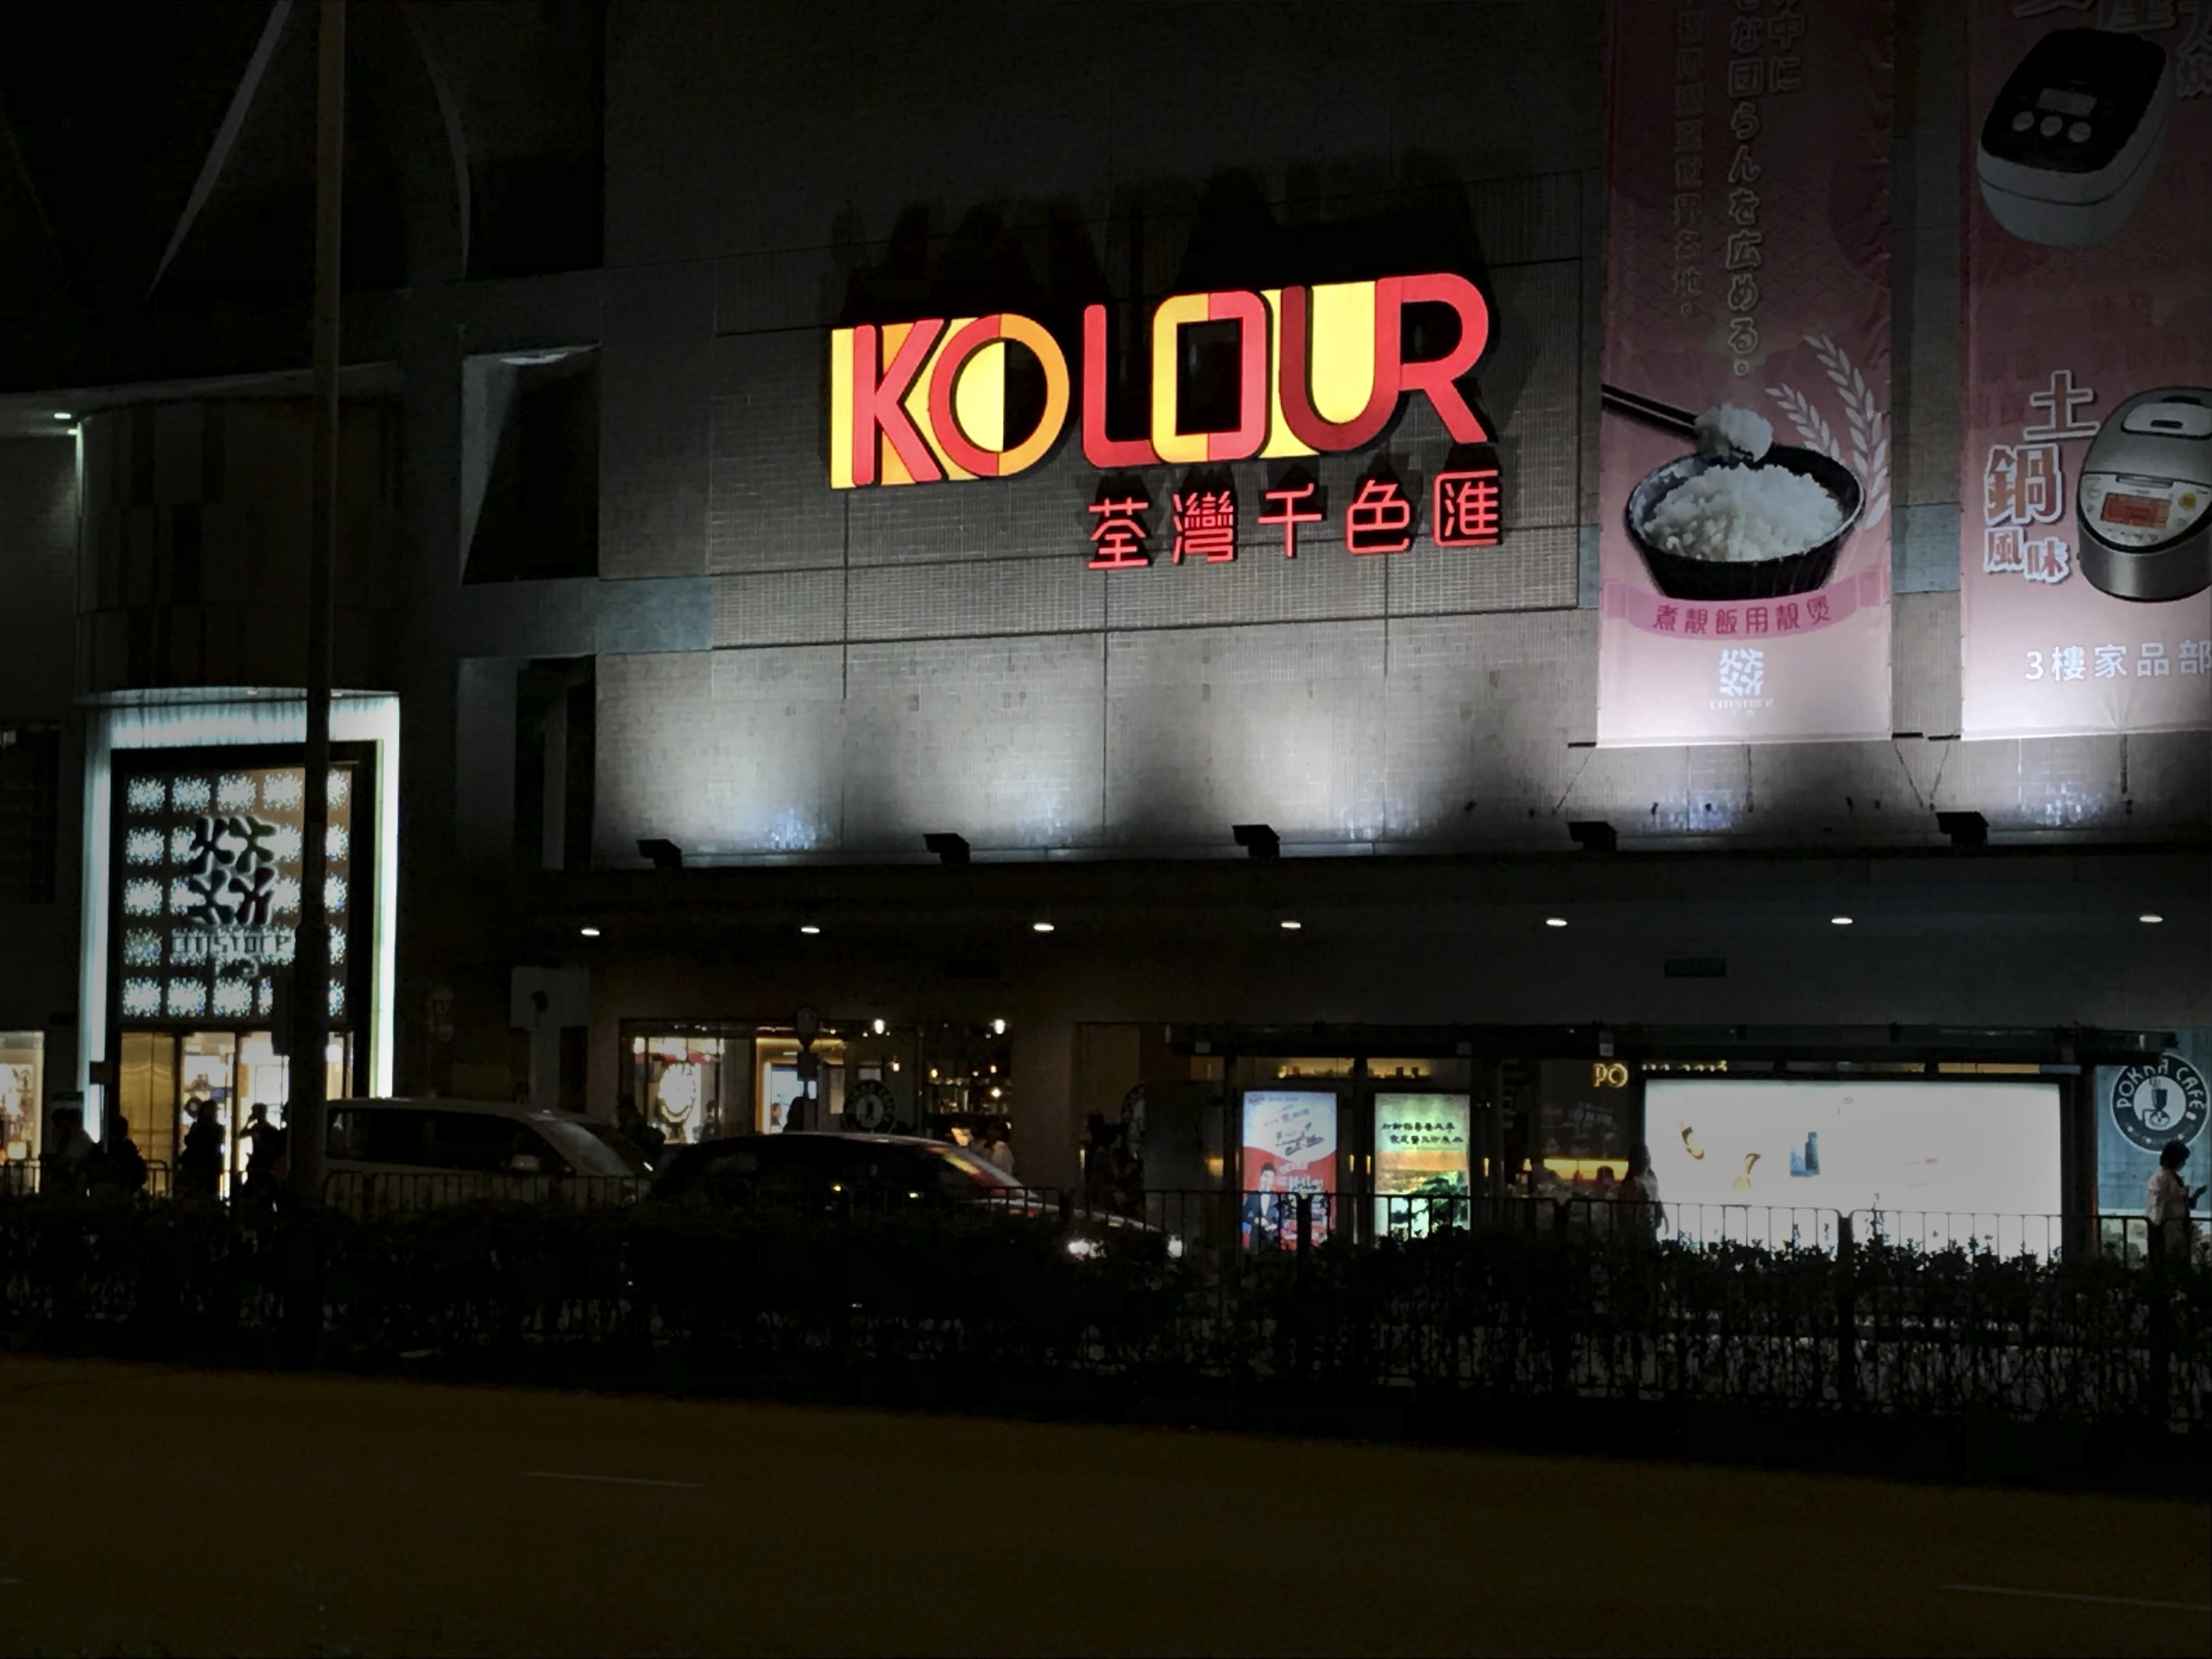 Kolour Tsuen Wan 1 荃灣千色匯 1